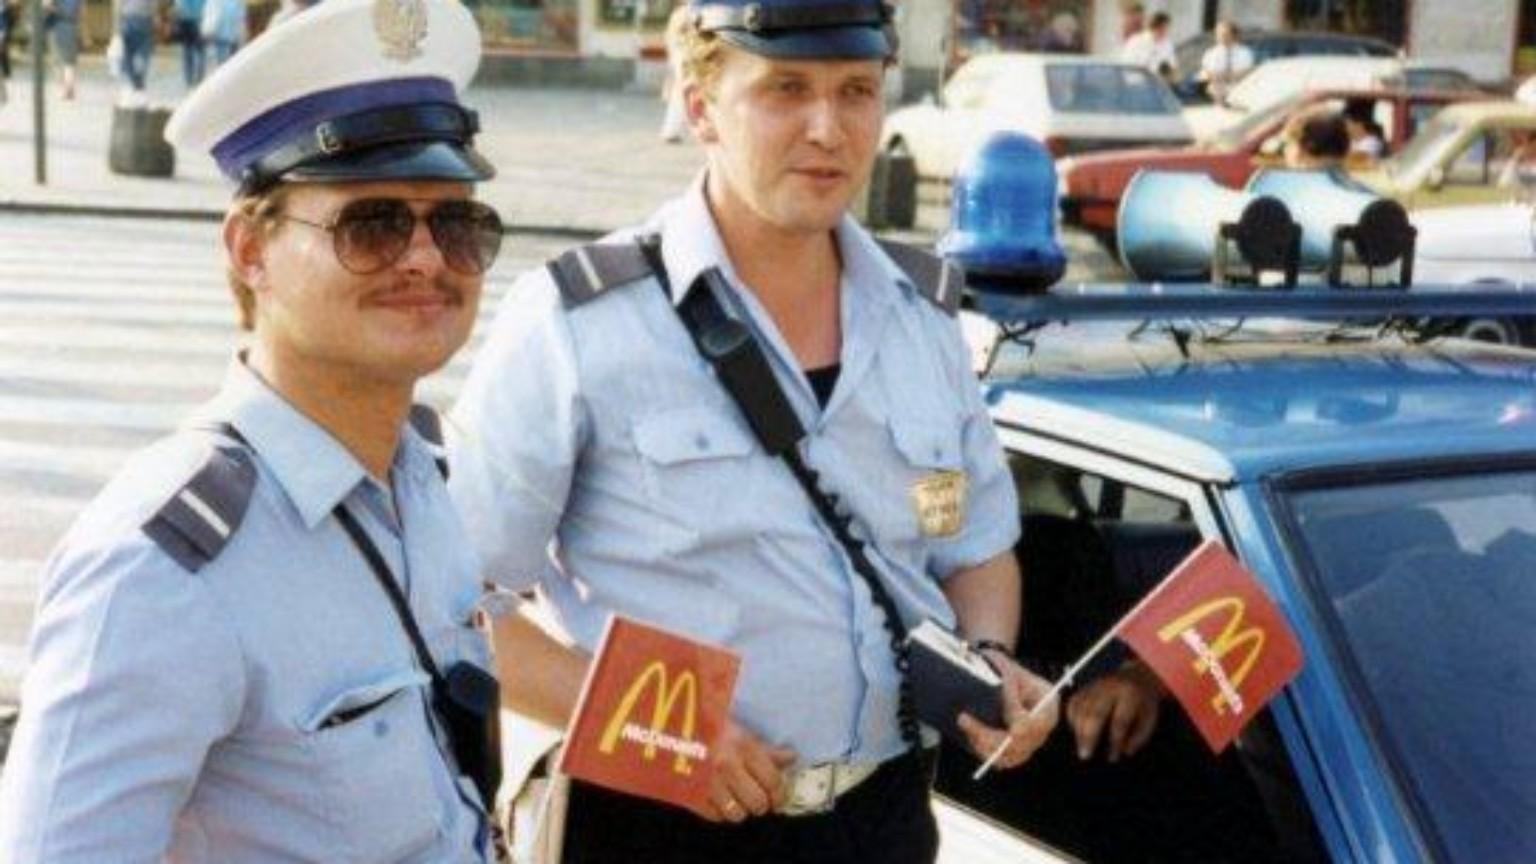 Zdjęcie dla kartki: Otwarcie pierwszej w Polsce restauracji McDonald's